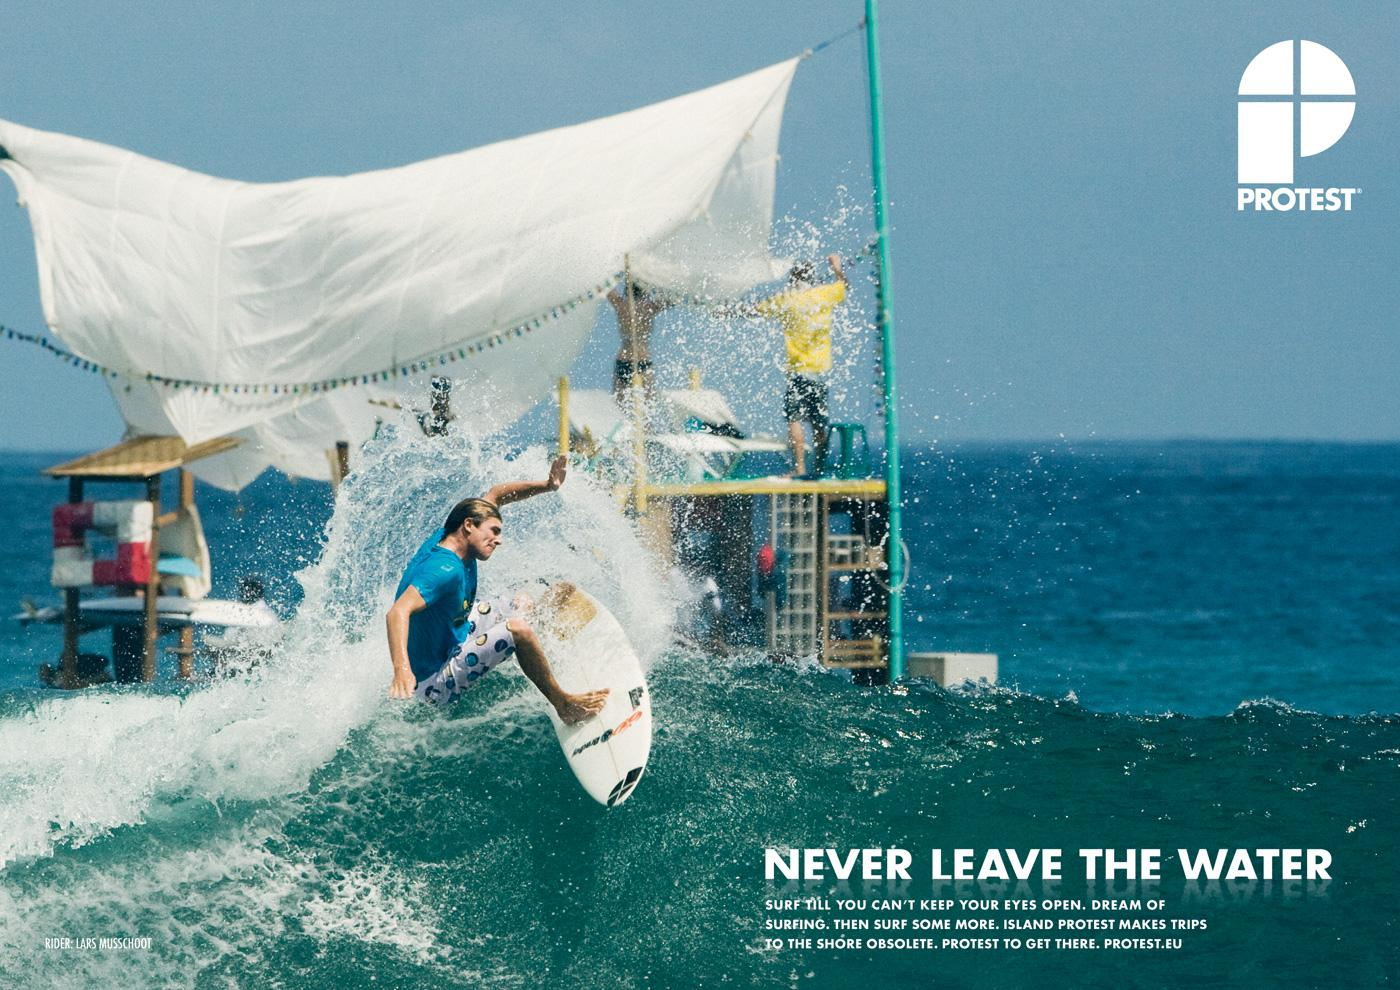 Protest Boardwear Print Ad -  Island protest, 2